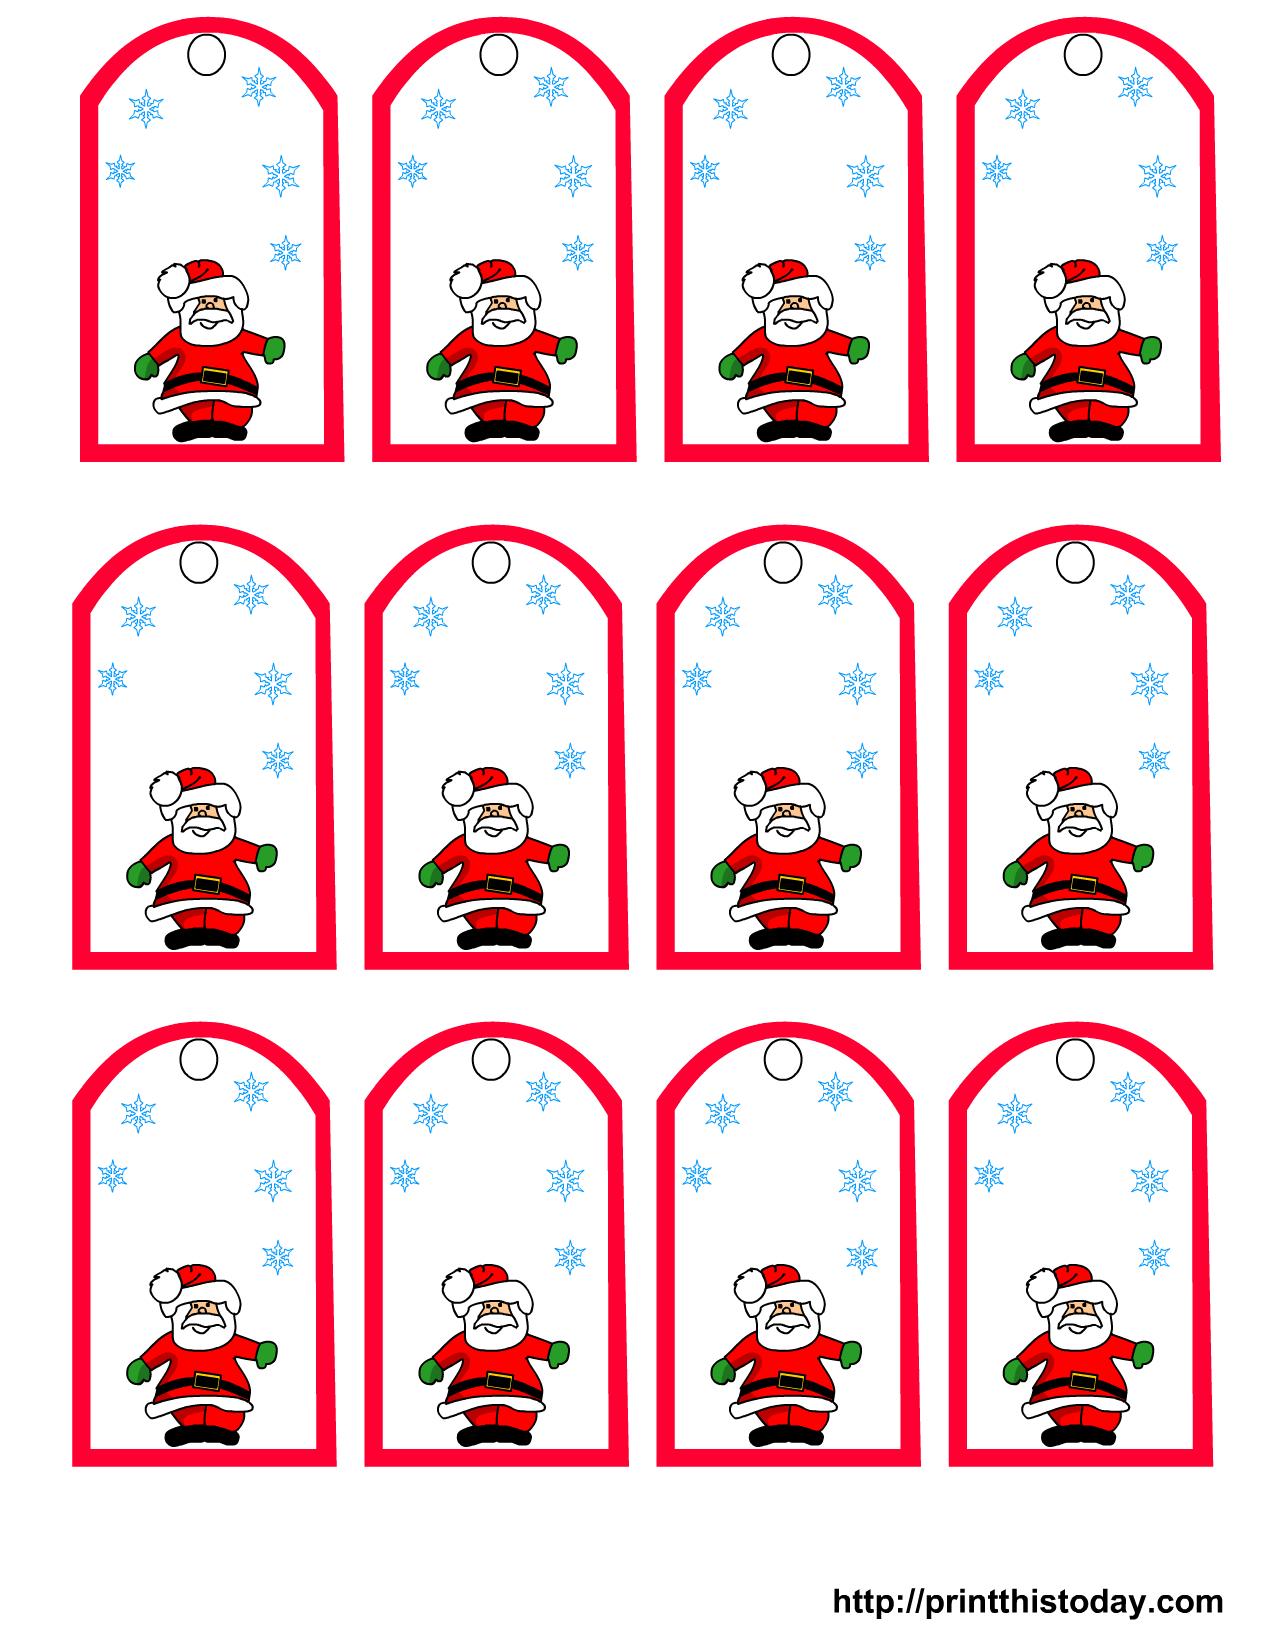 47 Free Printable Christmas Gift Tags (That You Can Edit And - Free Printable Editable Christmas Gift Tags